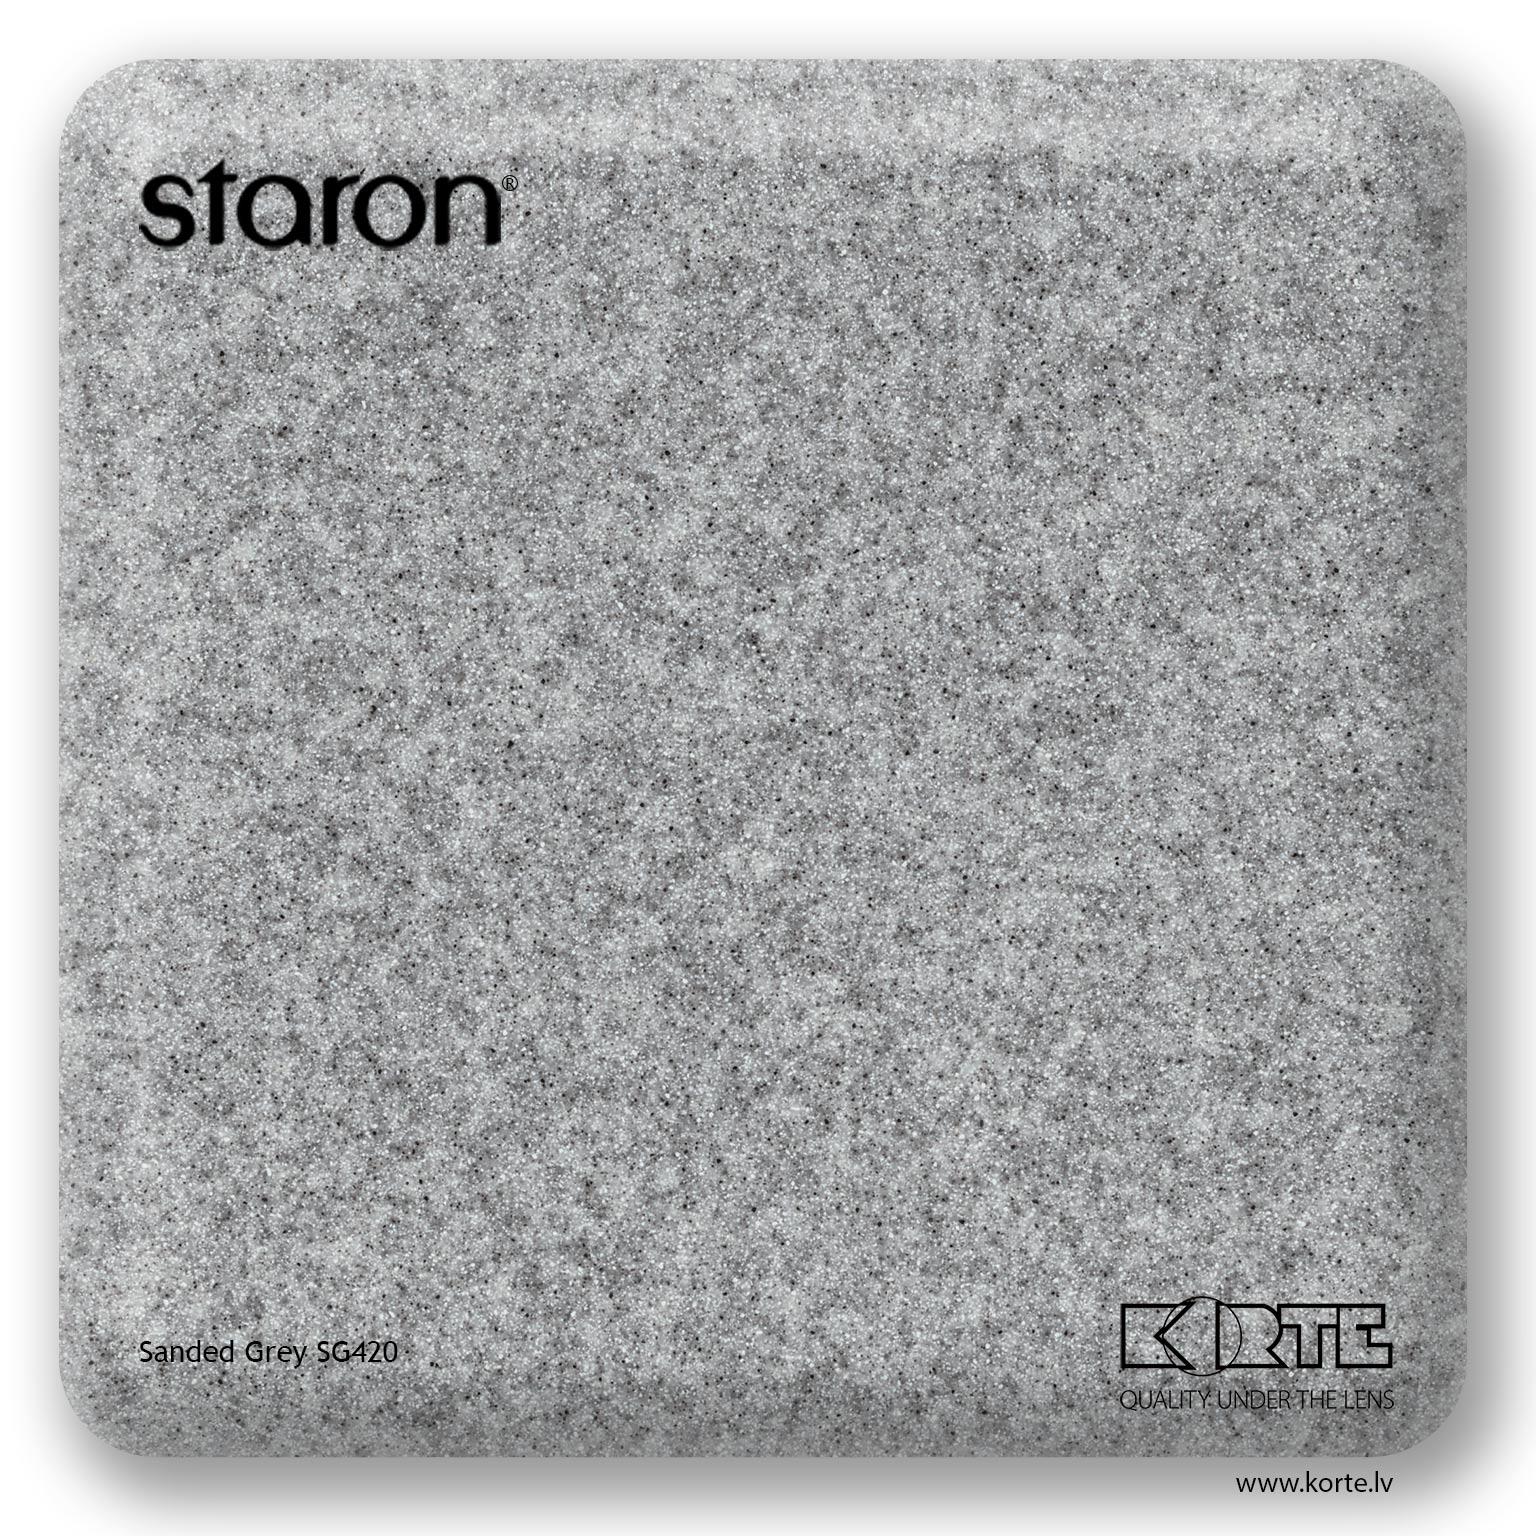 Staron Sanded Grey SG420